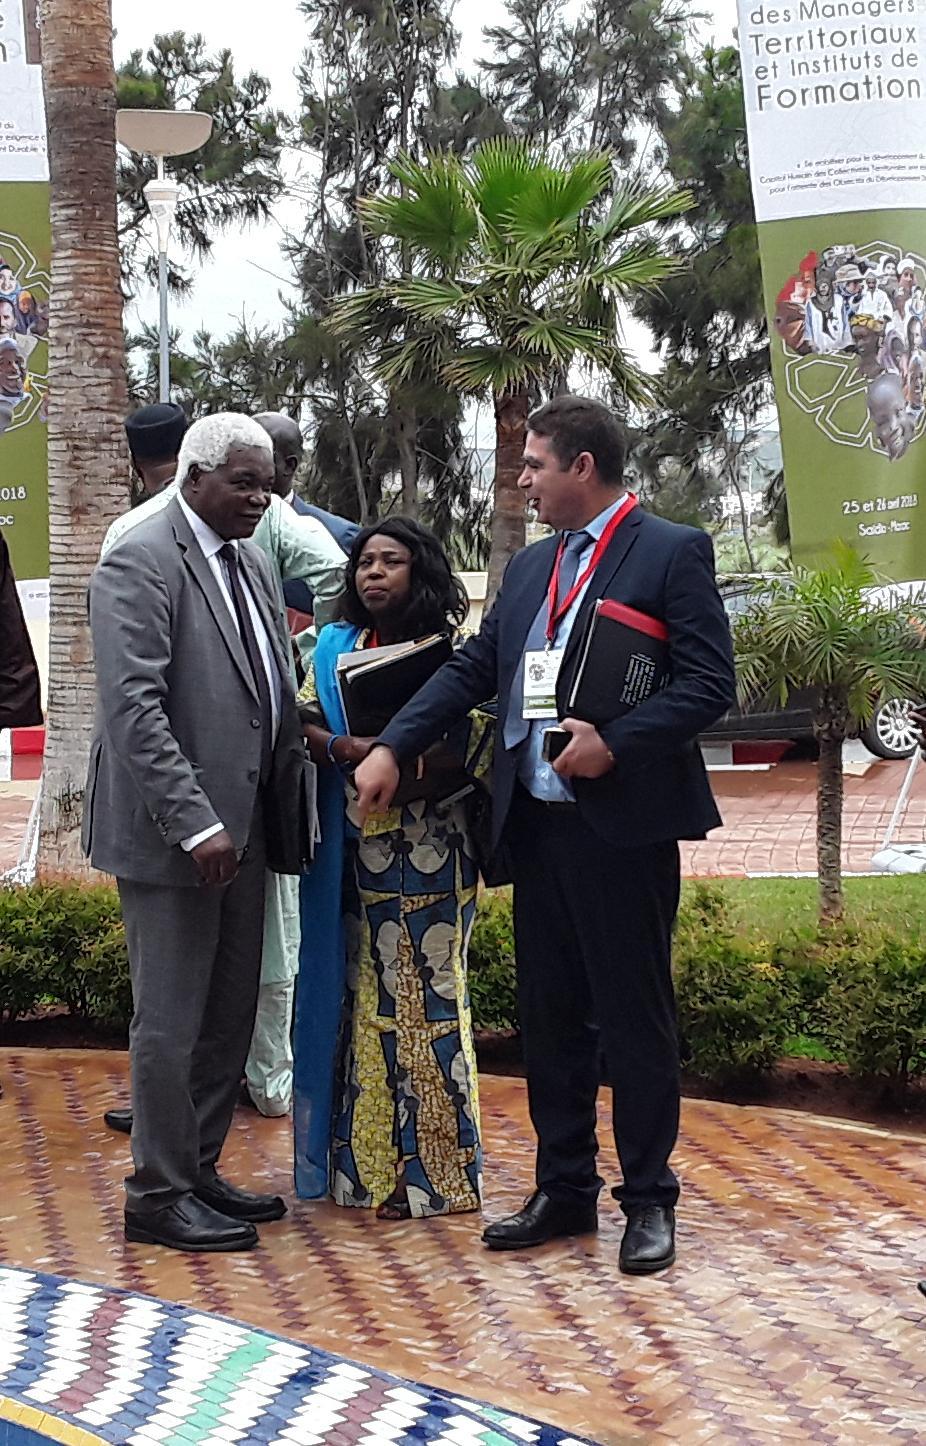 رئيس إقليم الدريوش منعم الفتاحي يشارك في المنتدى الإفريقي الثاني المنظم بالسعيدية